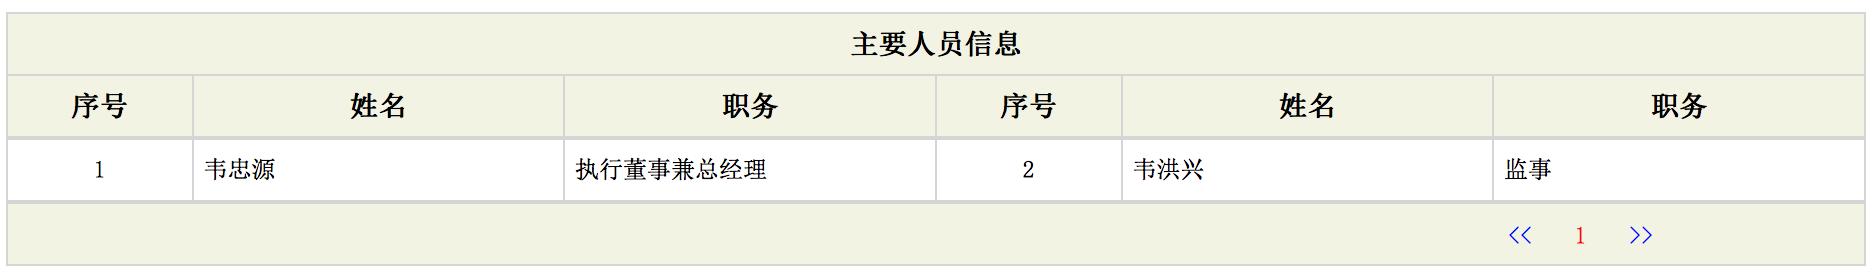 合肥商传通互联网科技有限公司02